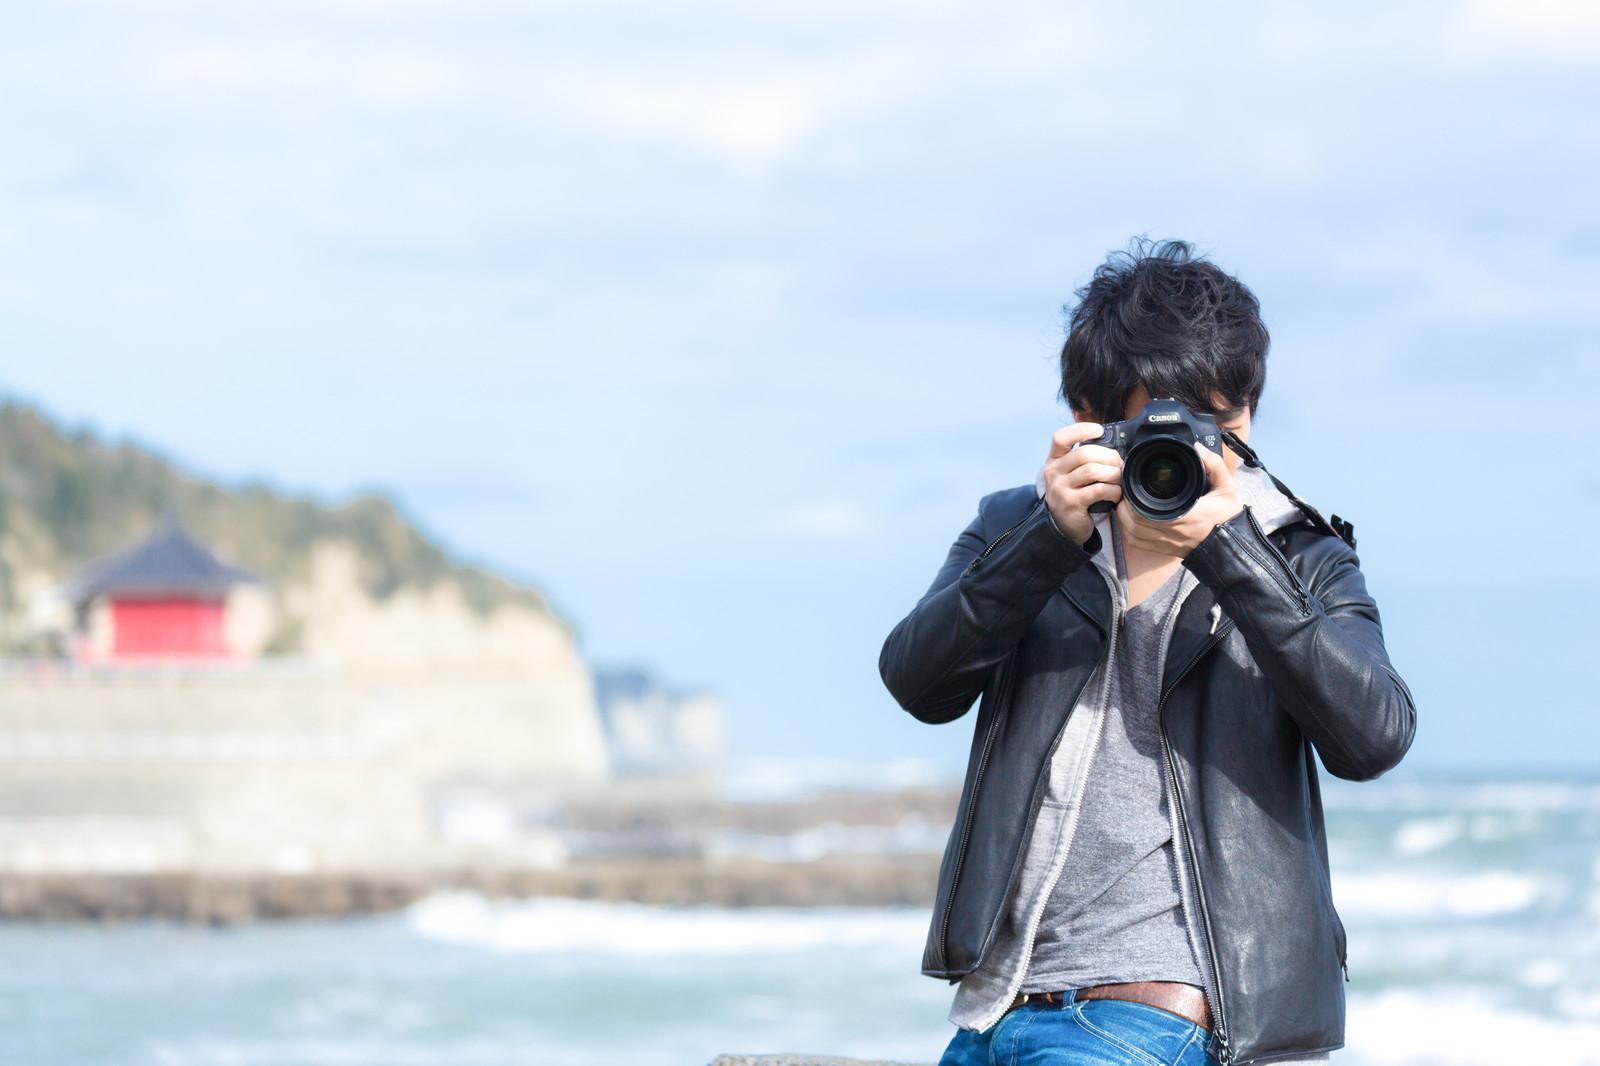 【タイ人】カメラ用品メーカーがタイ工場とのかけ橋(Bridge)として生産管理・調達をおこなうタイ人を募集!